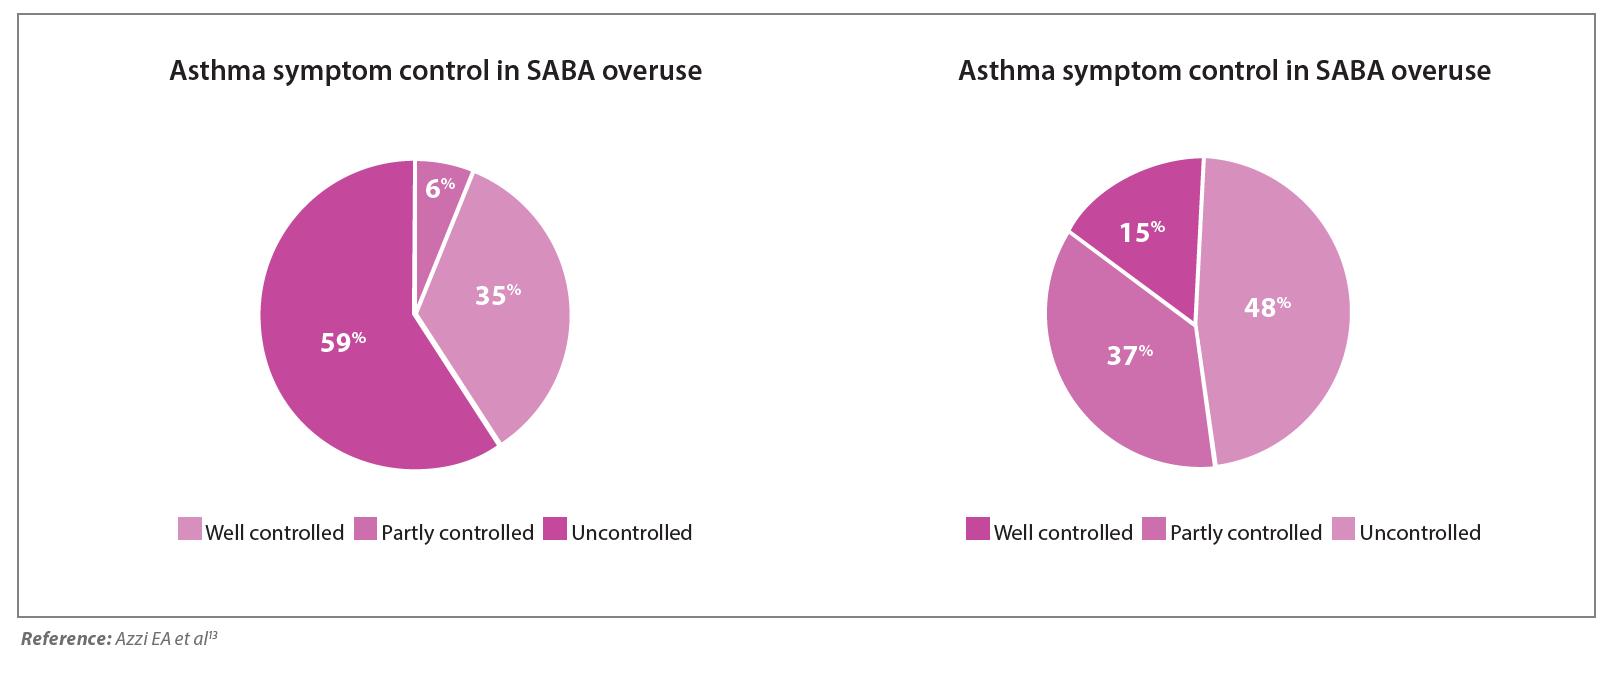 mild asthma